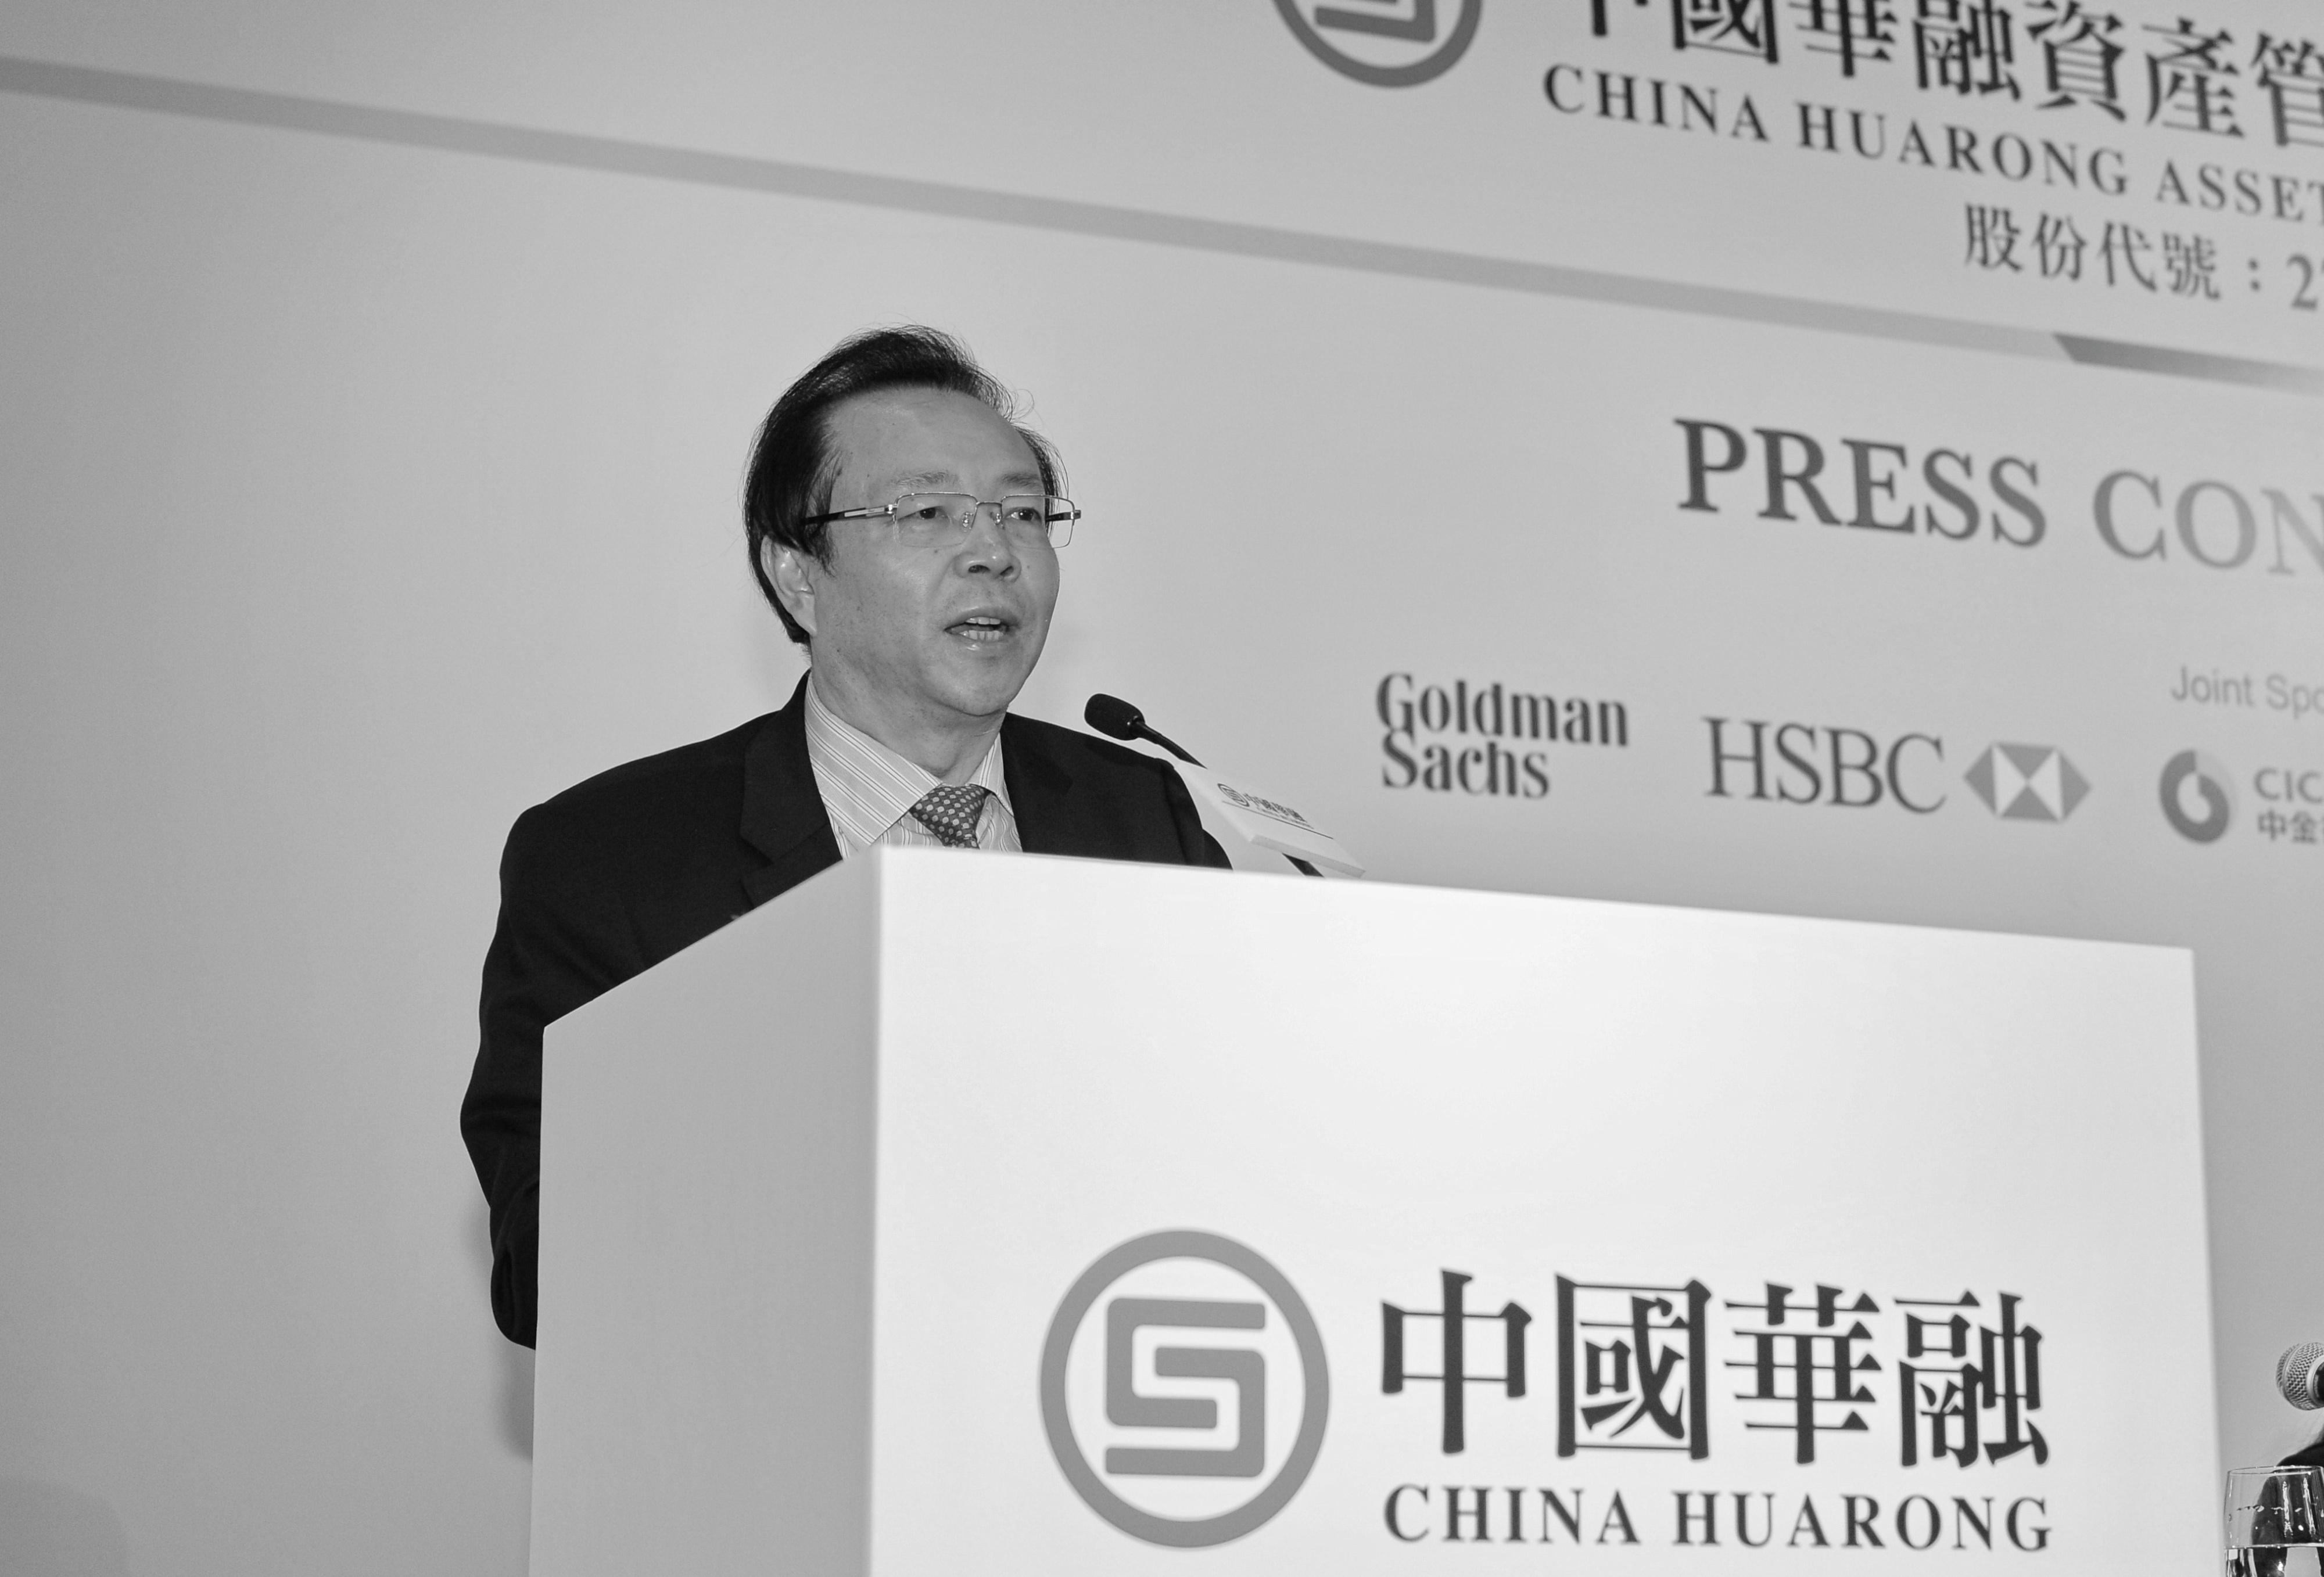 「去賴小民化」 華融稱50人職務被調整